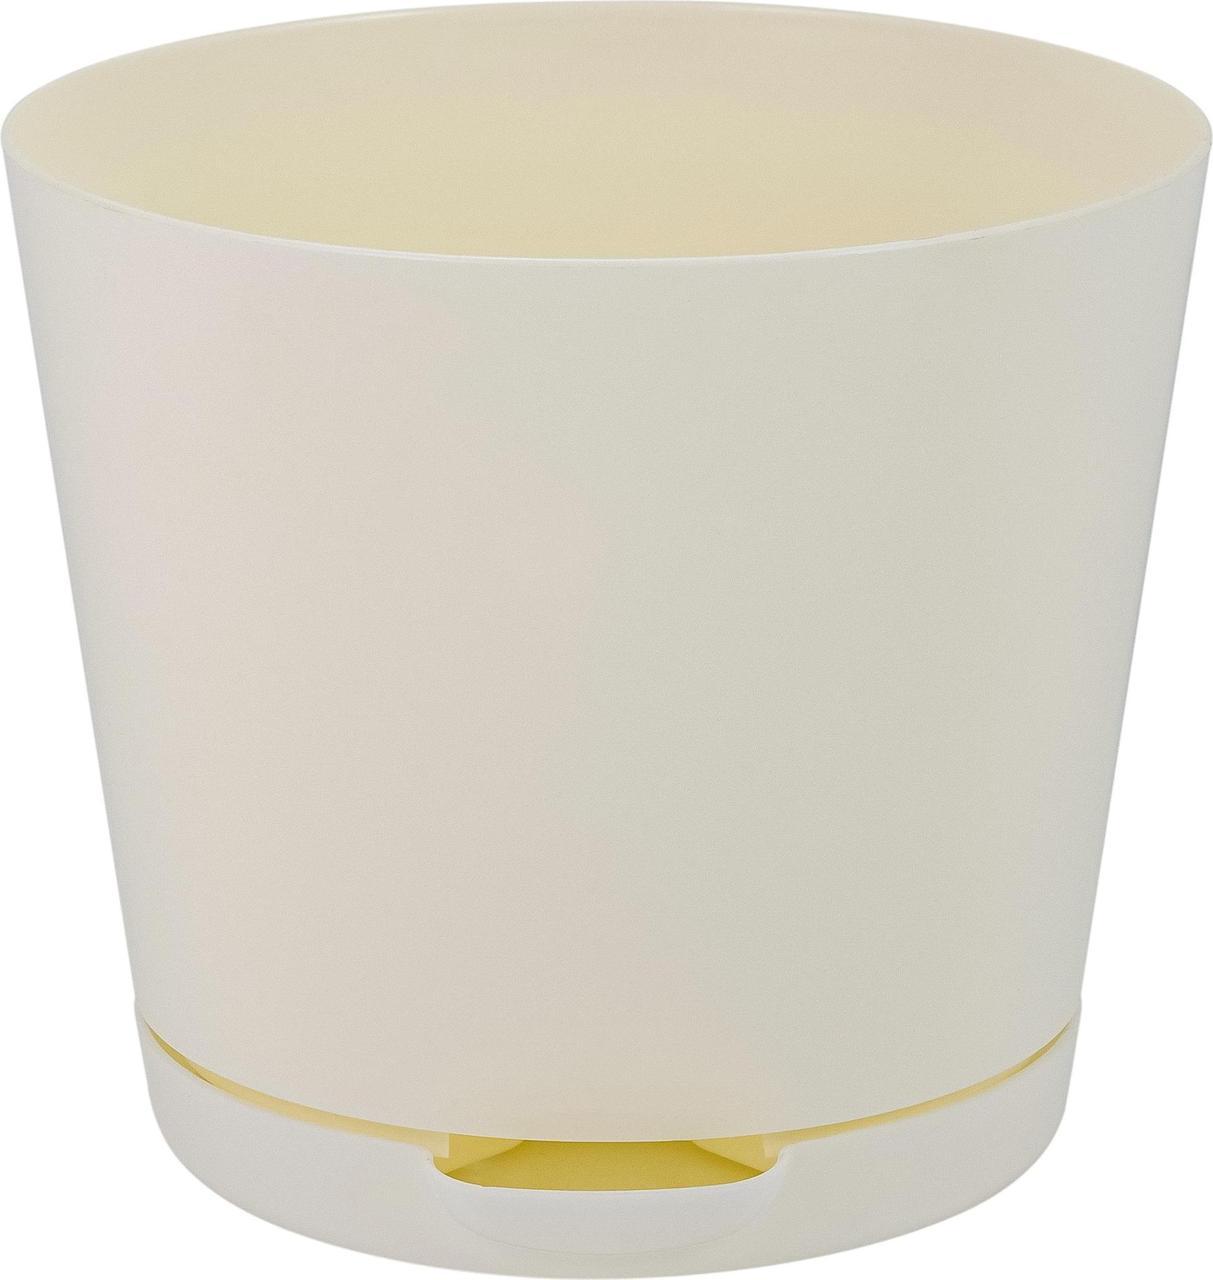 Горшок   для цветов Easy Grow D 120 с прикорневым поливом 0,75 л Сливочный